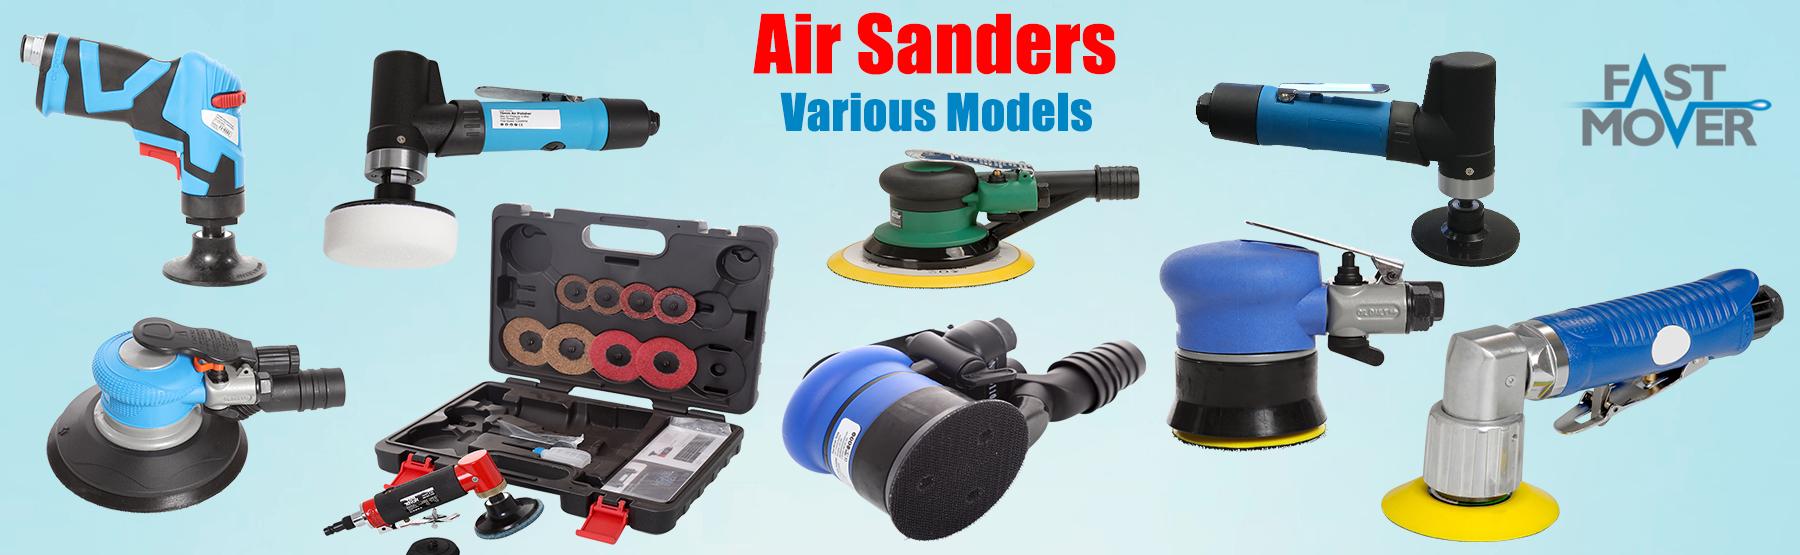 Air Sanders